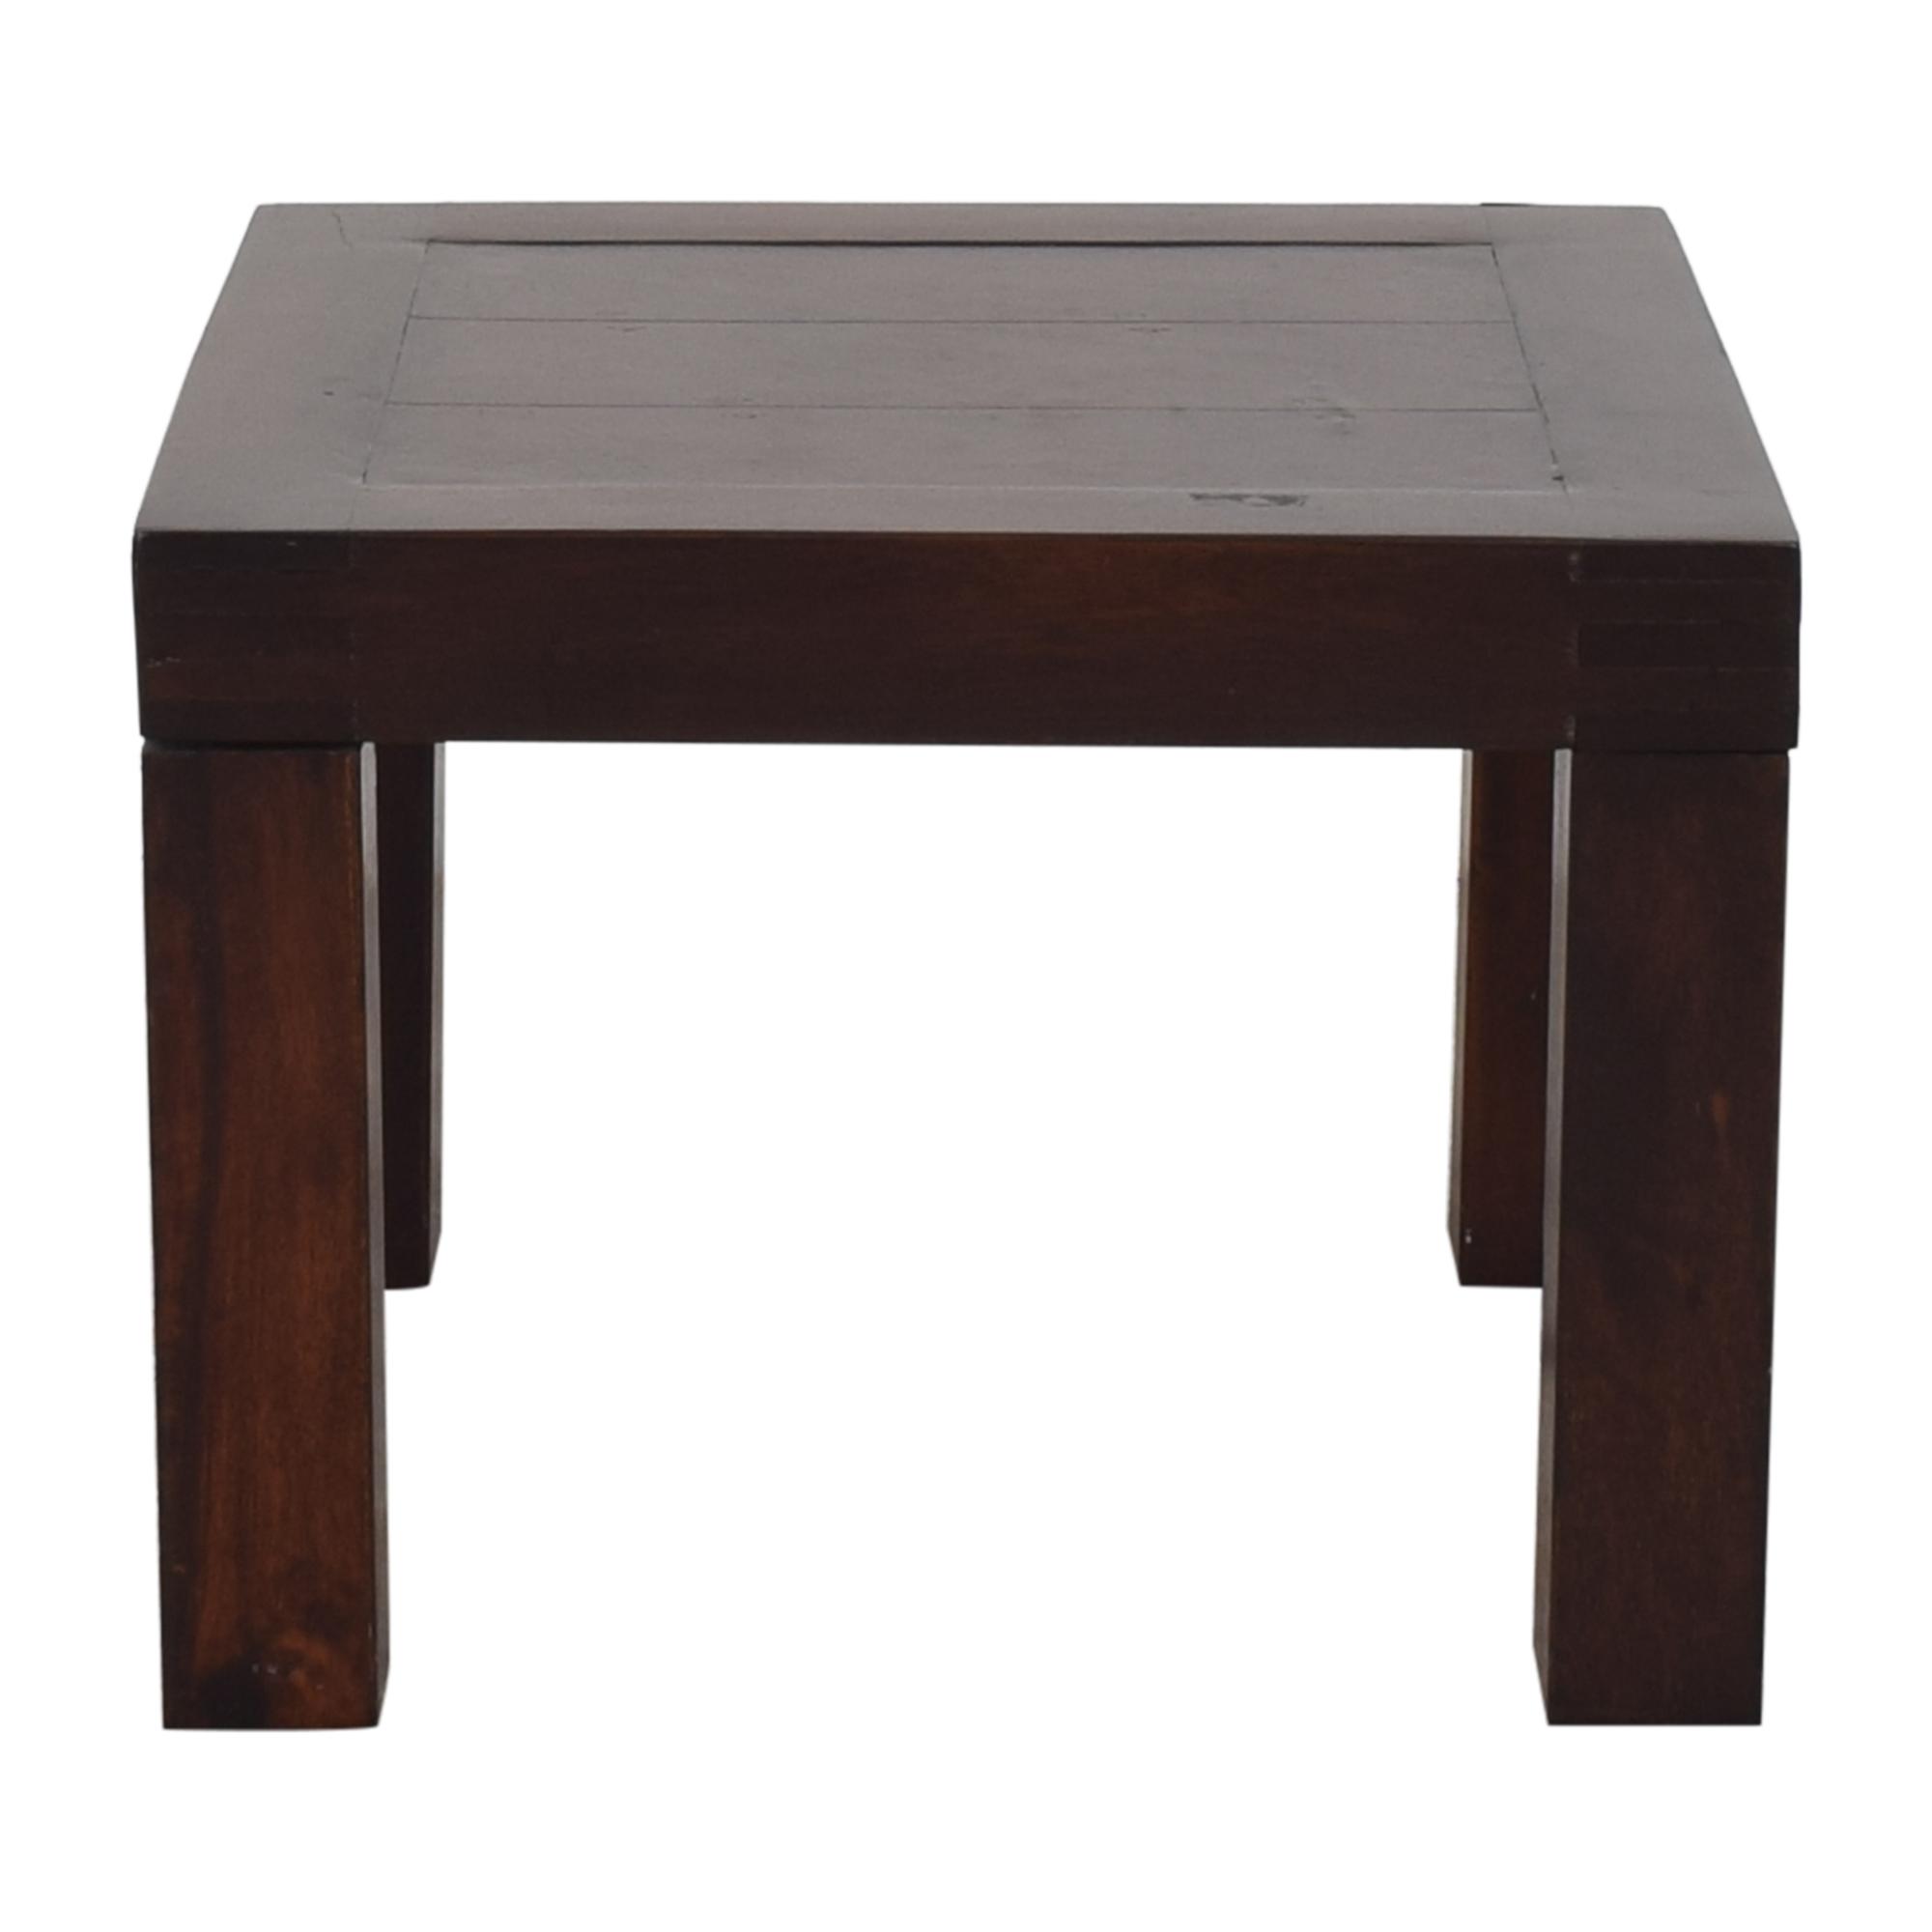 Huisraad Huisraad End Table Tables